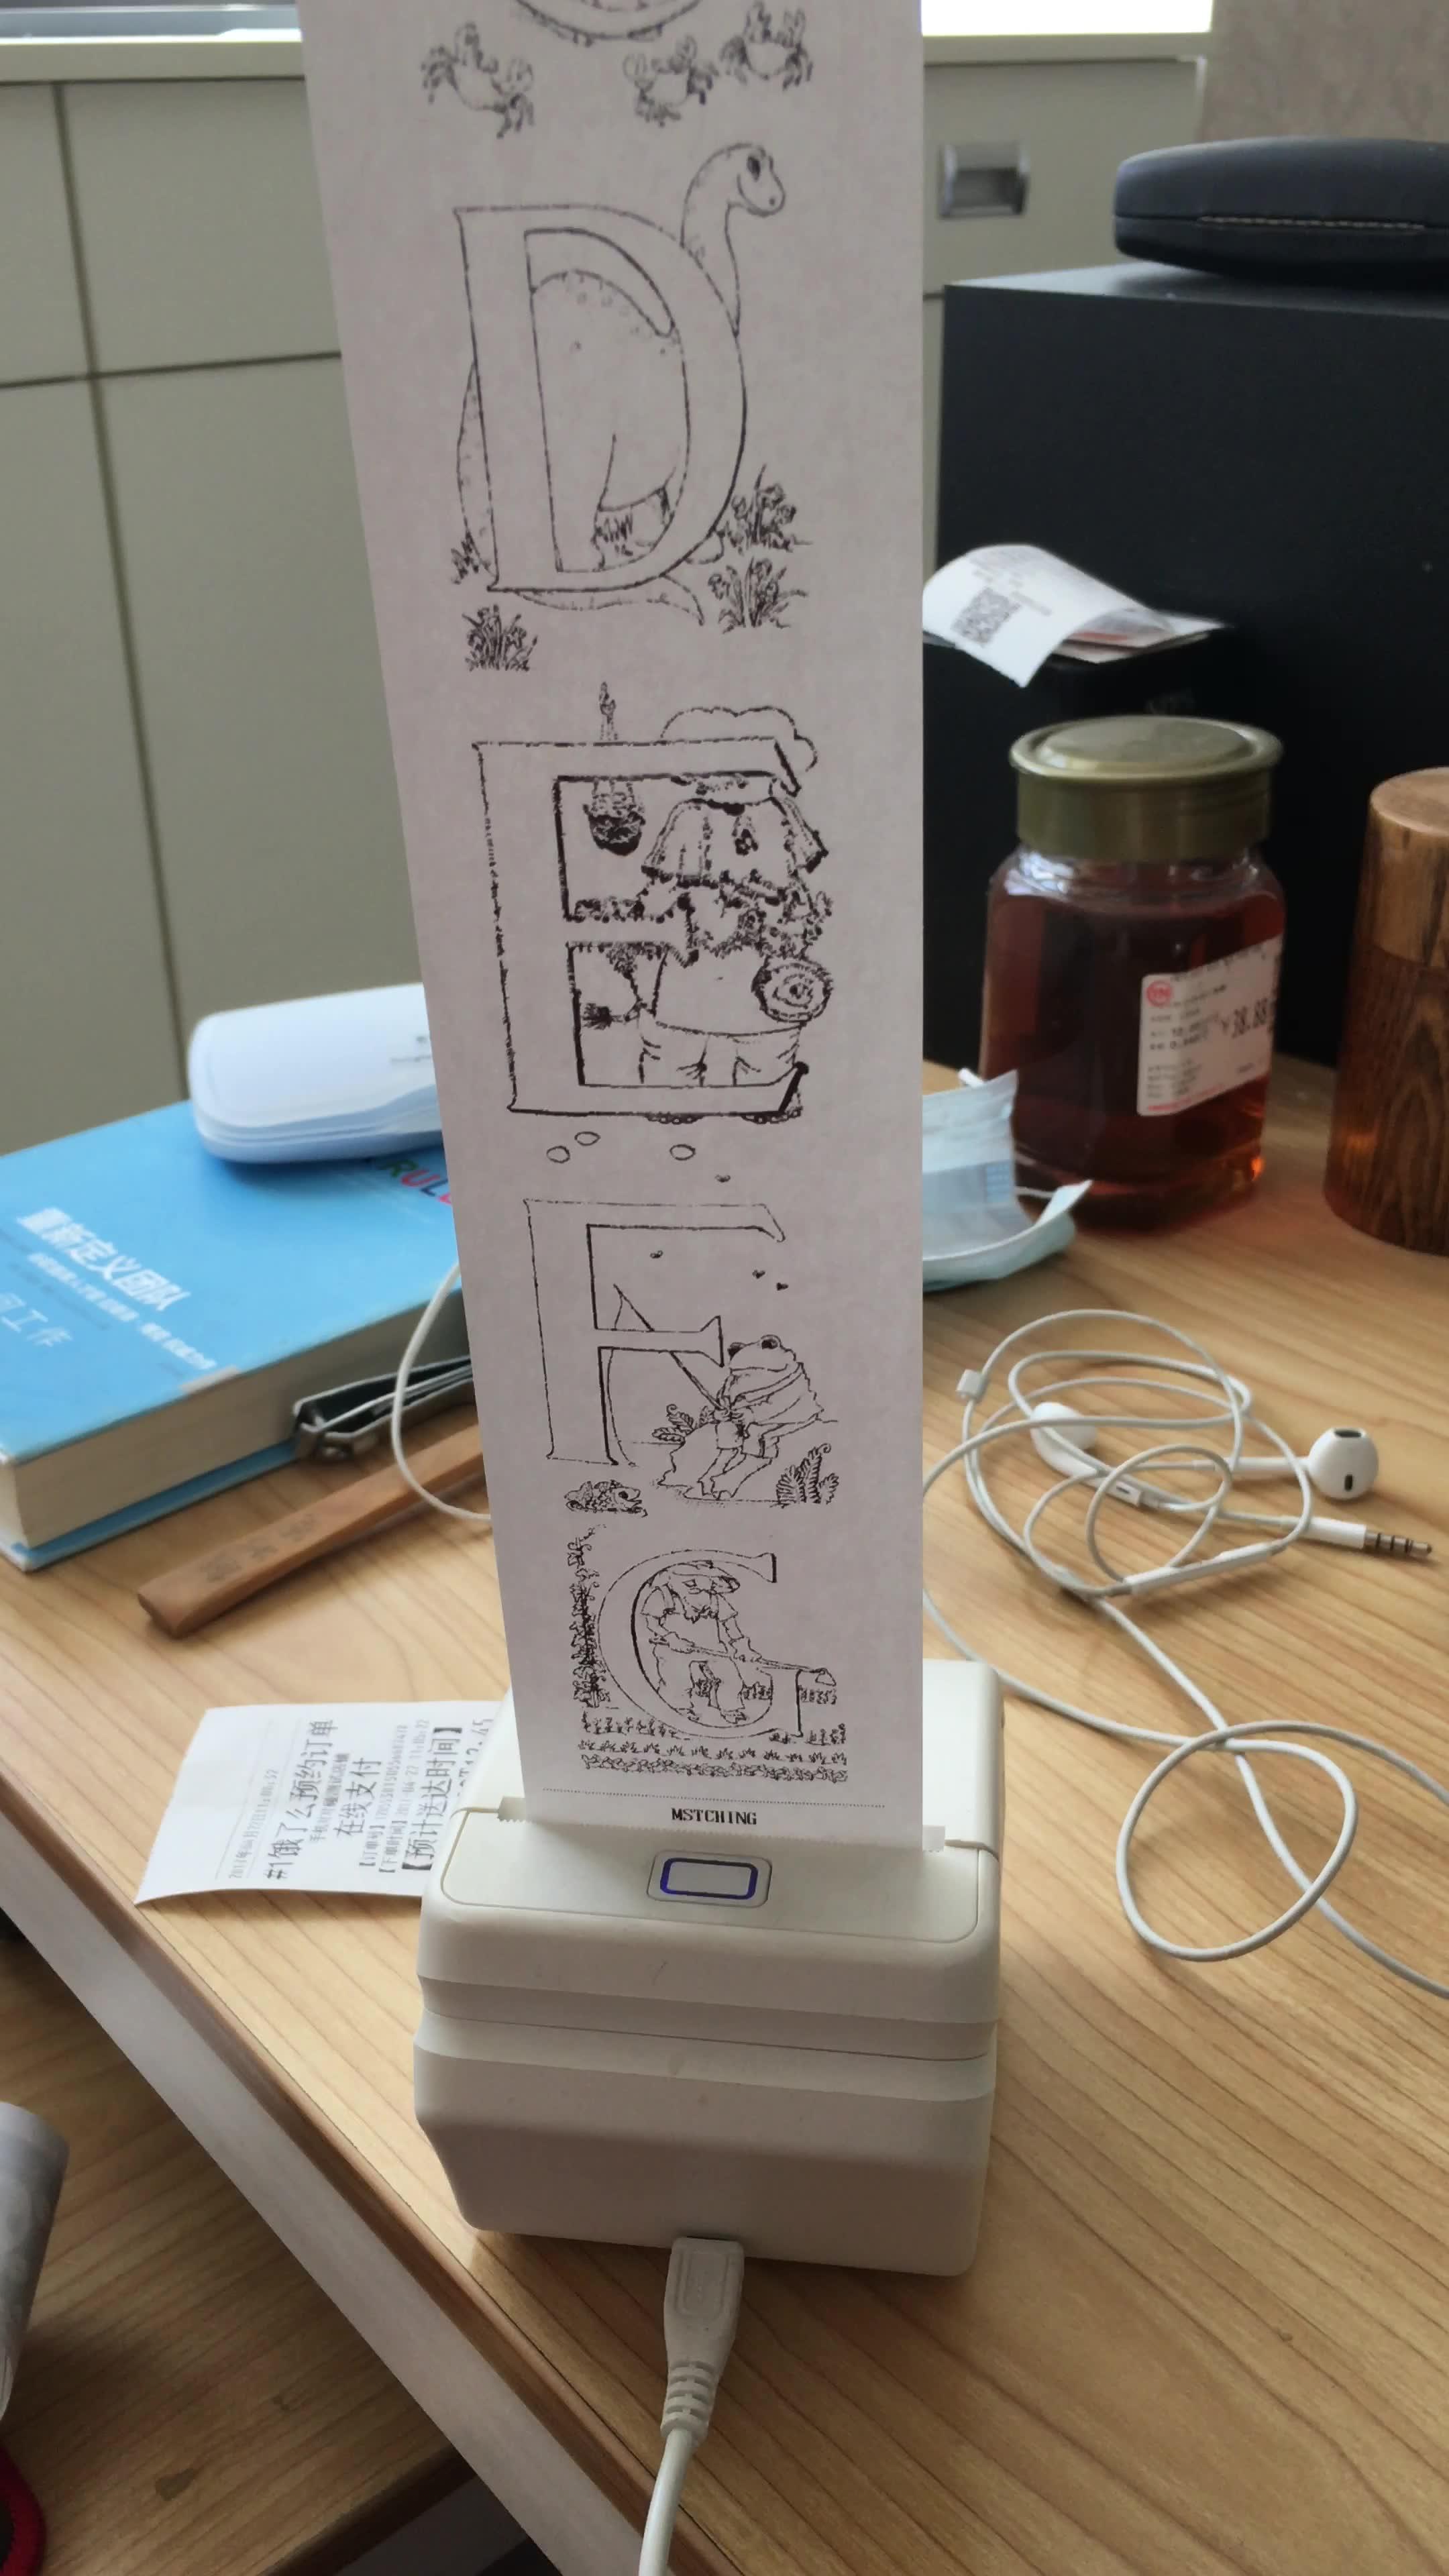 对对机初体验:文艺范便携热敏打印机趣味玩法(视频)